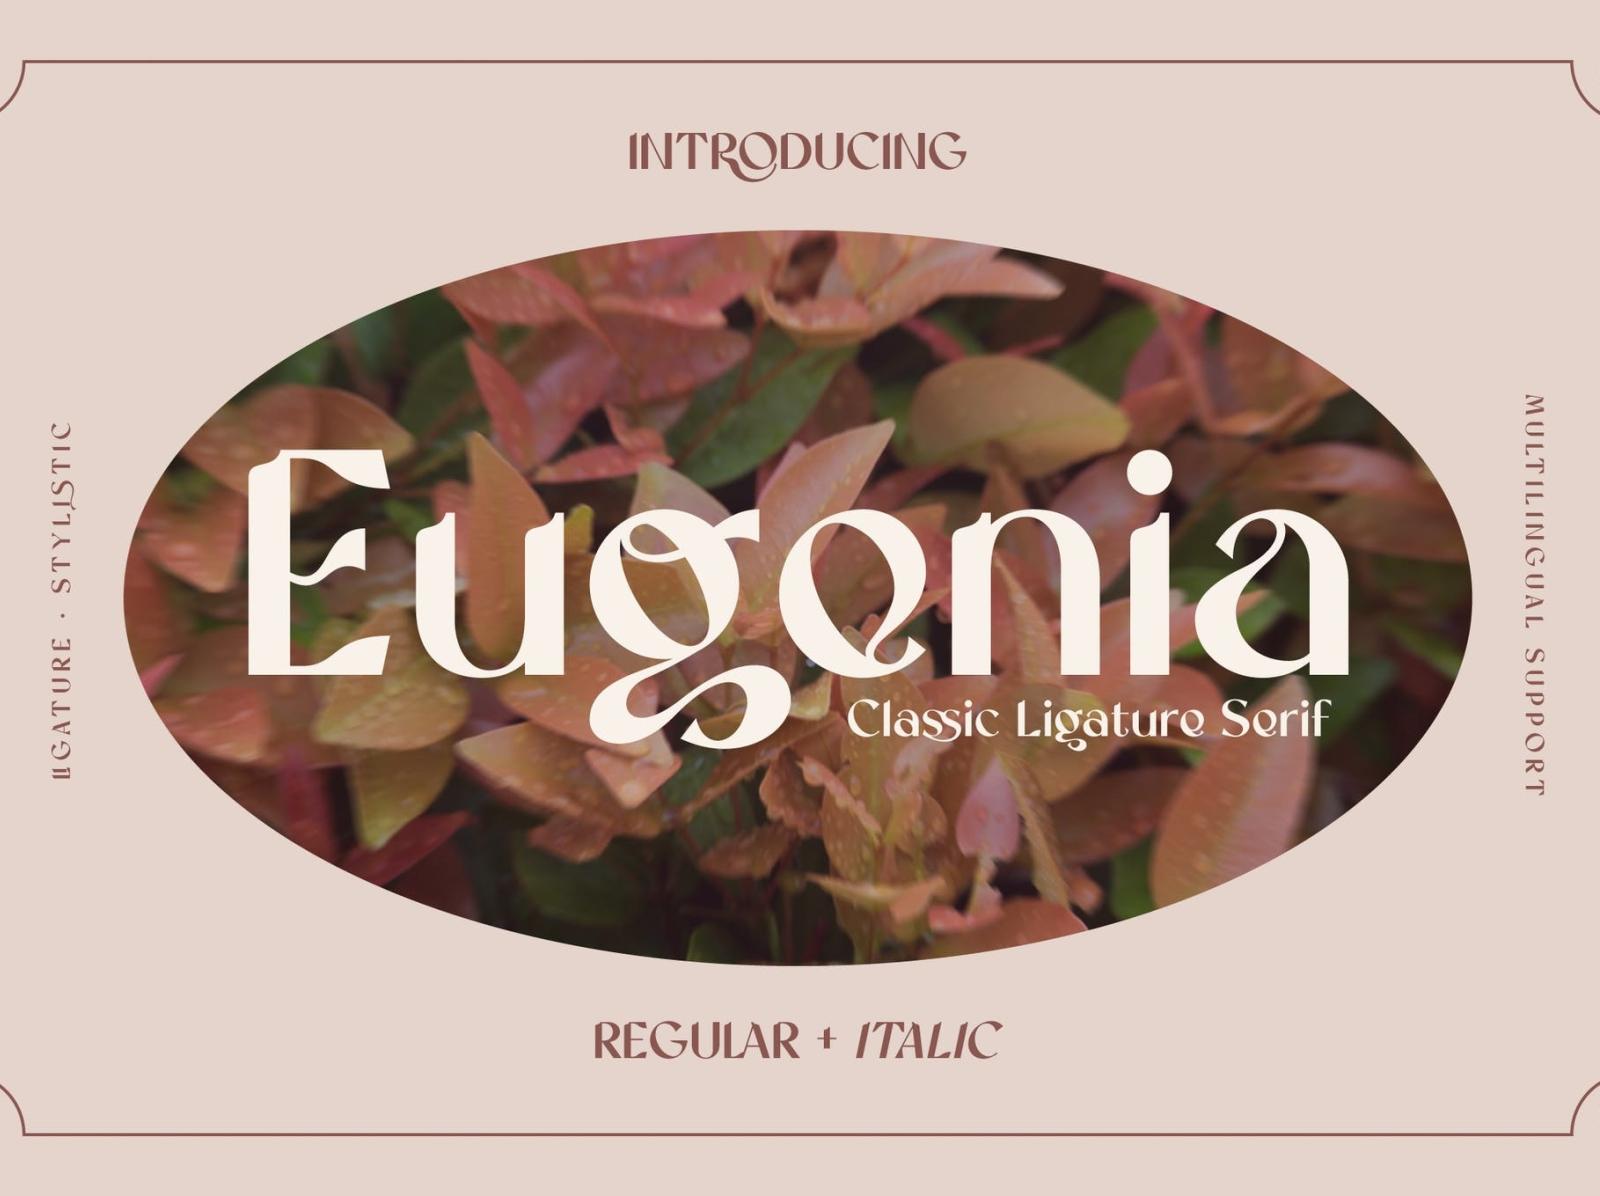 Eugenia Vintage Serif Font sans serif font vintage font display serif ux vector ui logo app typography illustration graphic design design branding